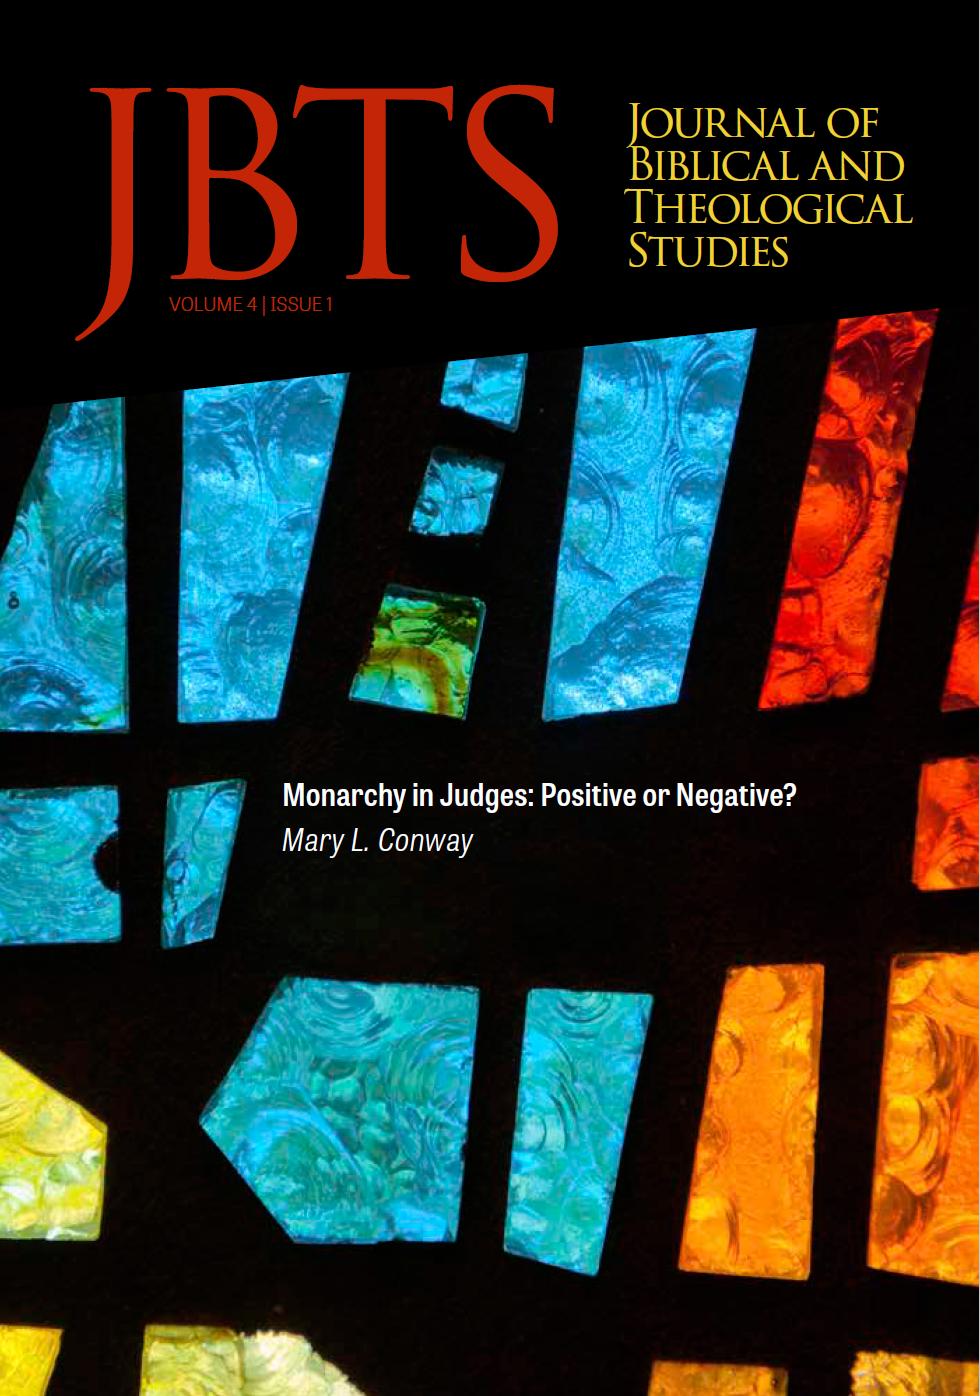 jbts-4-1-pic-2